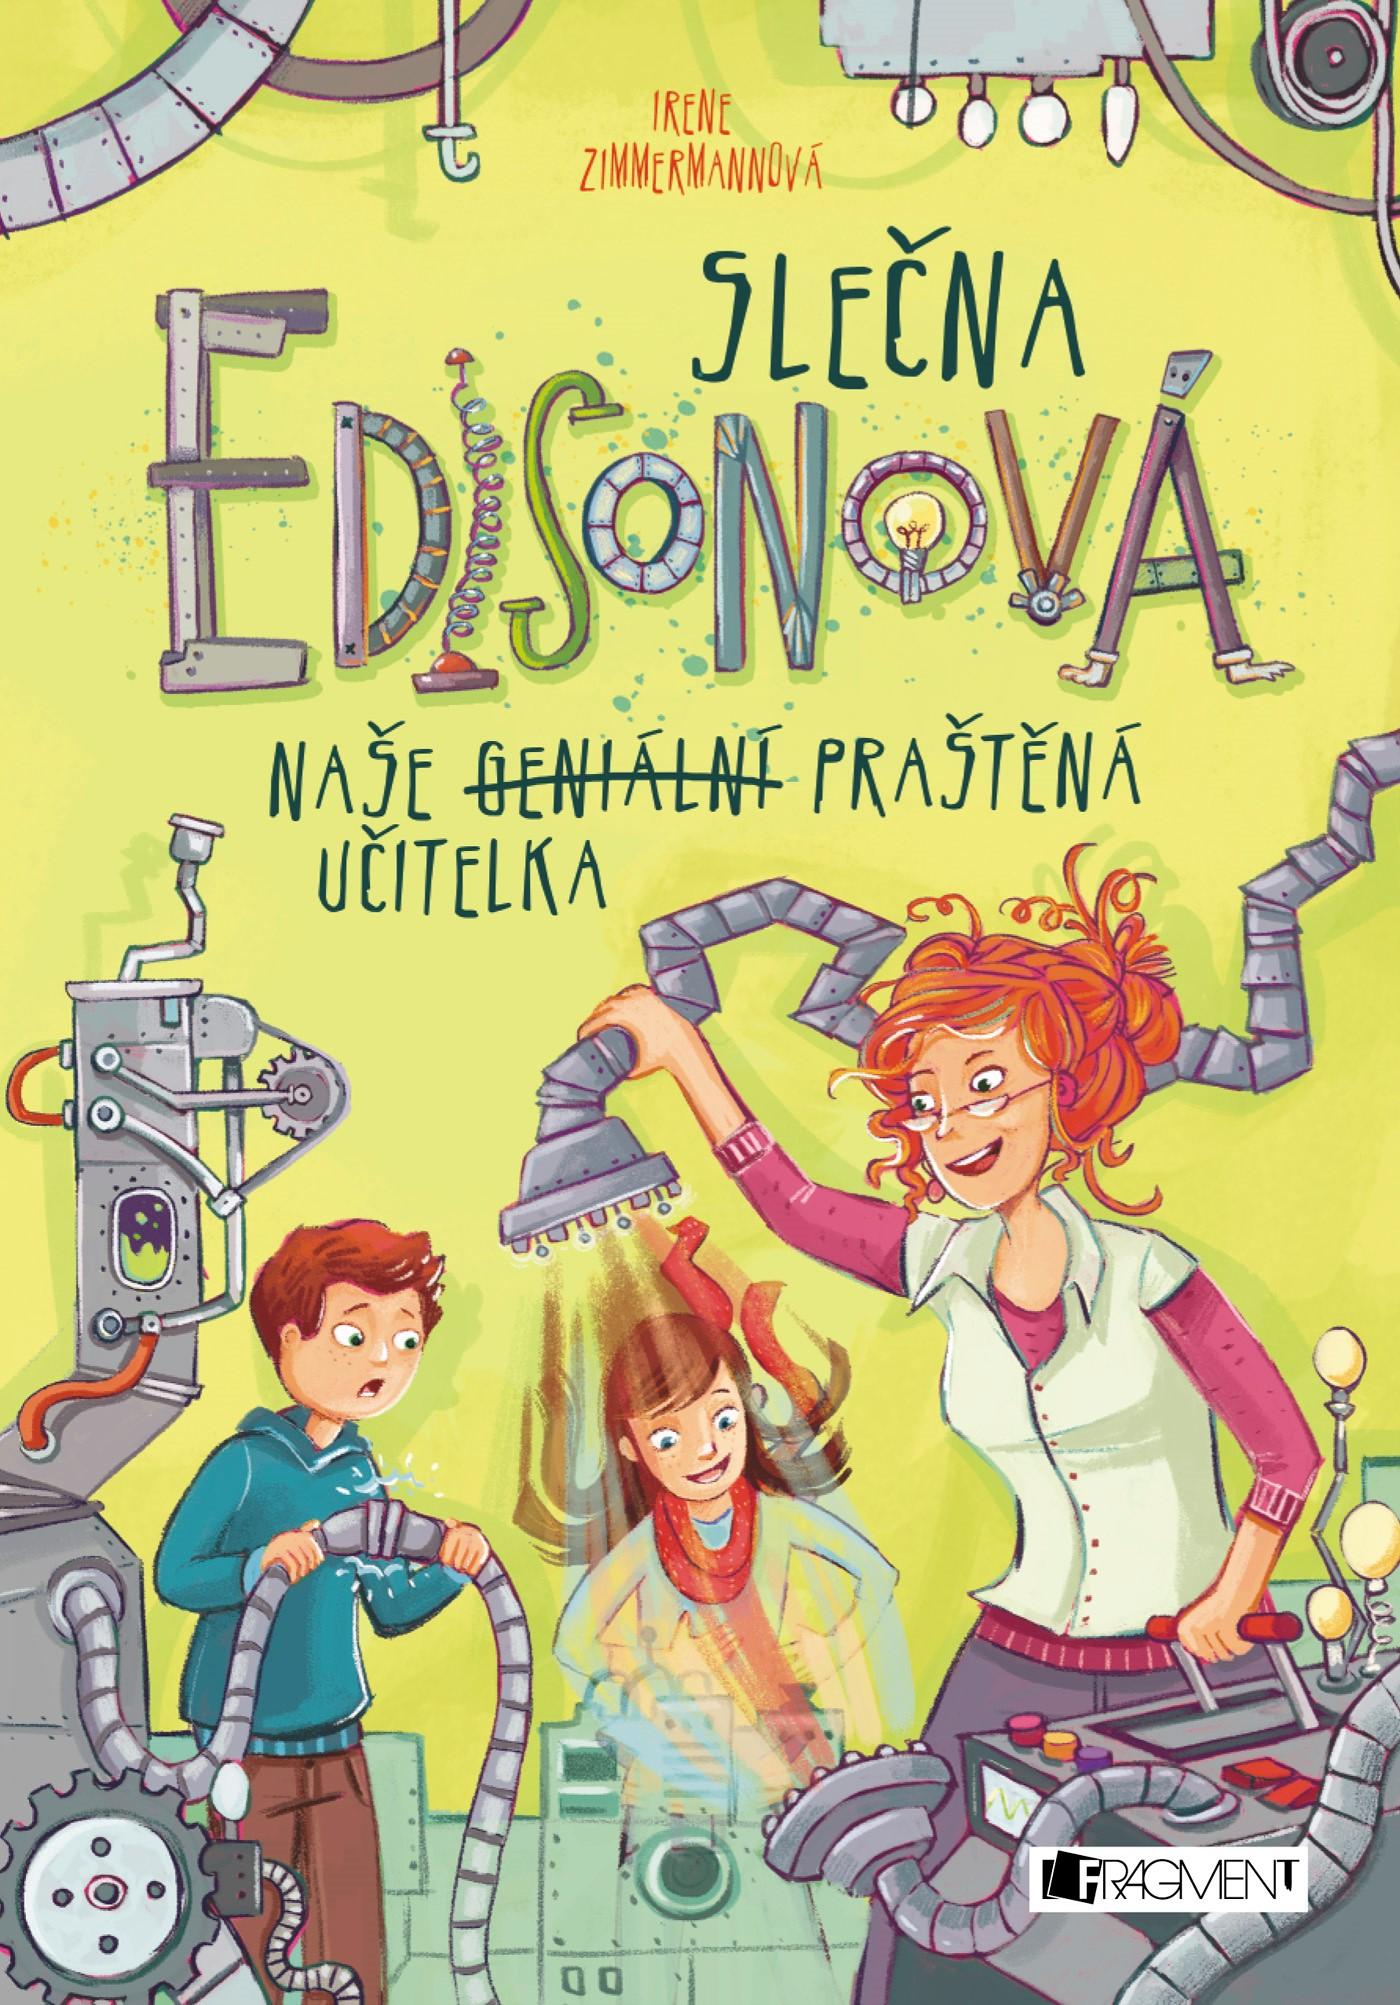 Slečna Edisonová – naše (geniální) praštěná učitelka